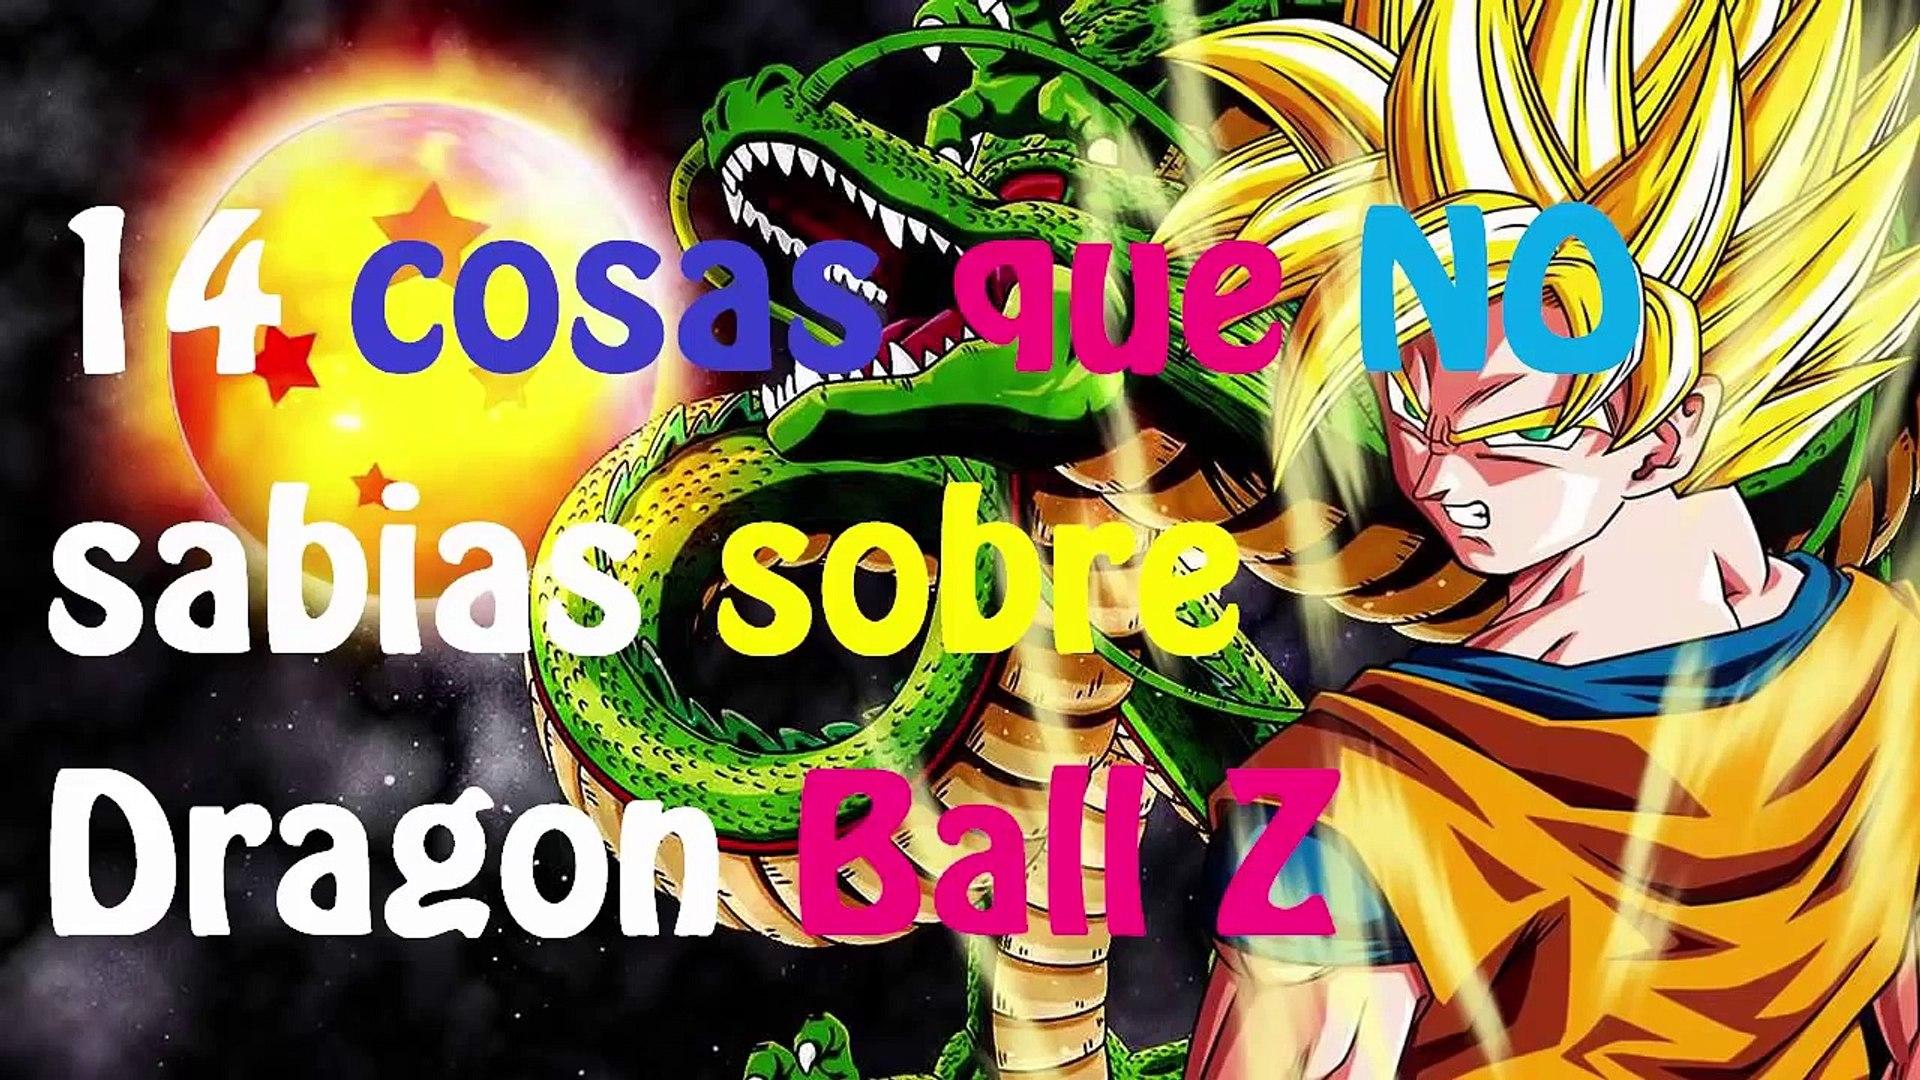 14 COSAS SORPRENDENTES QUE NO SABIAS DE DRAGON BALL Z